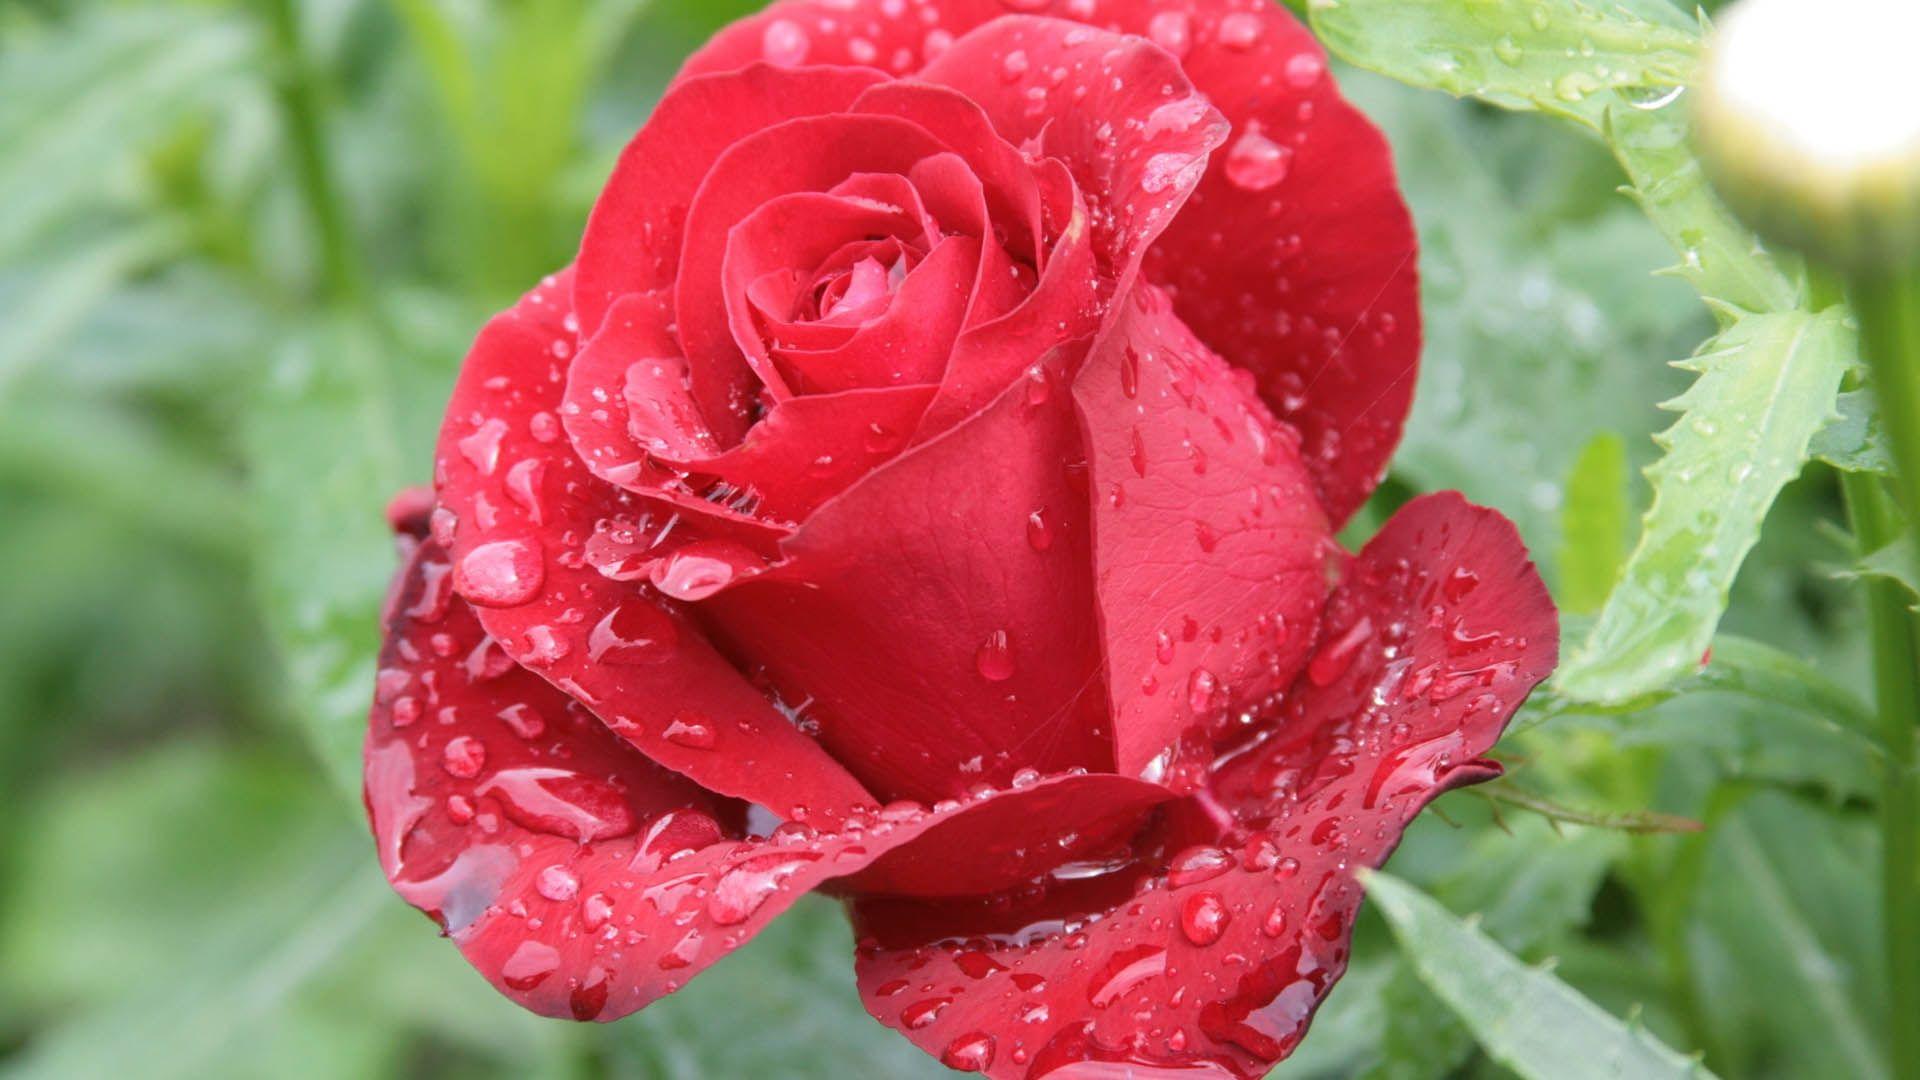 Beautiful Rose full hd wallpaper for laptop